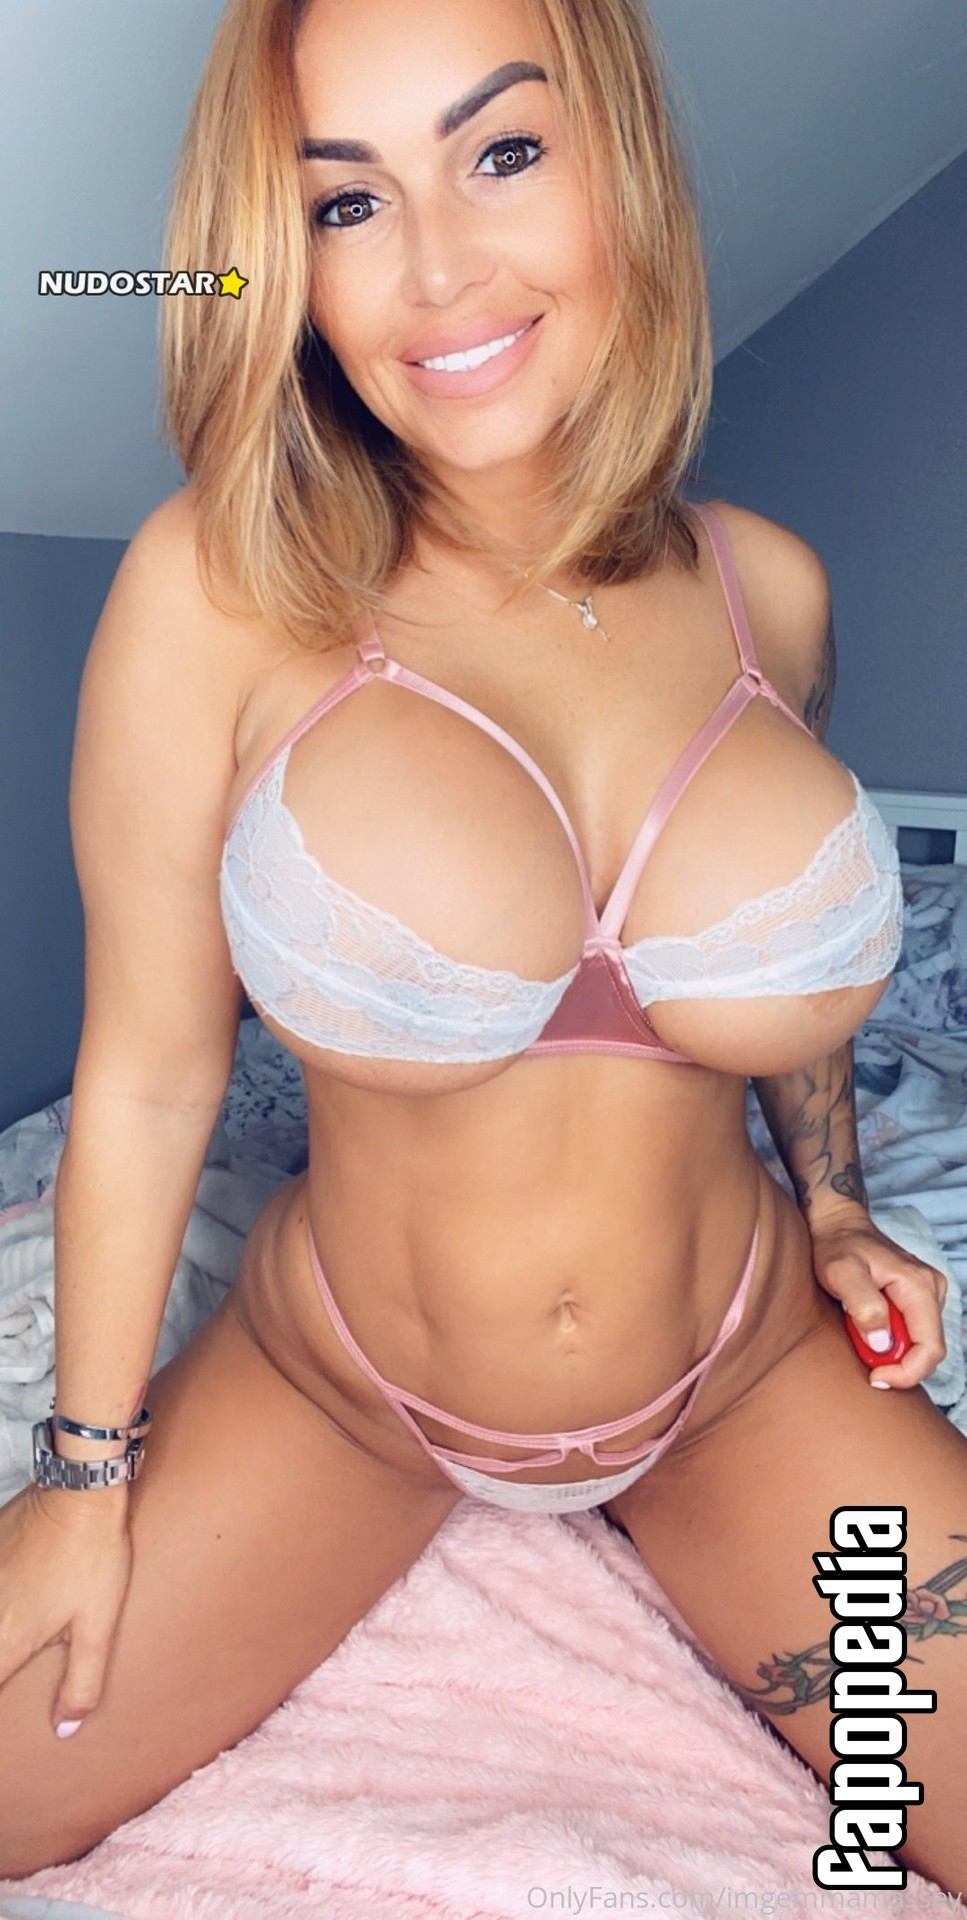 Imgemmamassey Nude OnlyFans Leaks